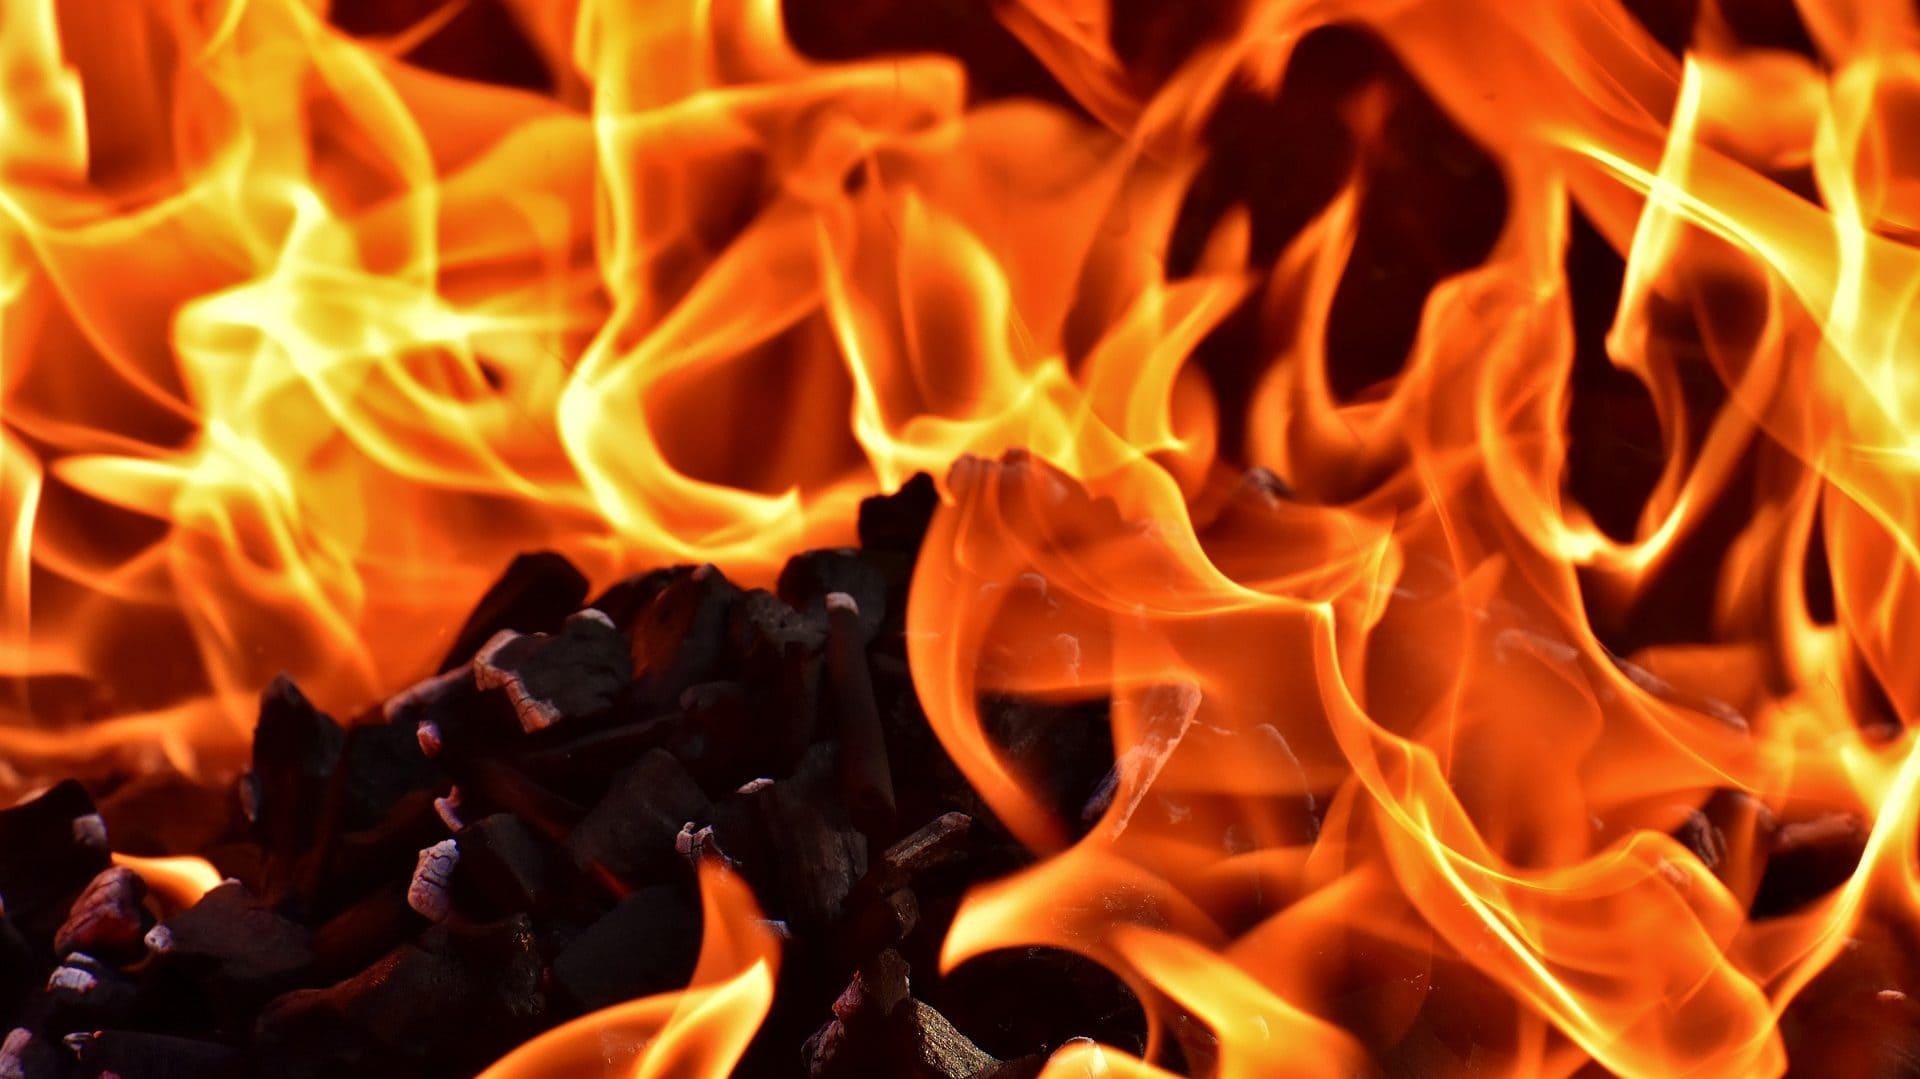 Vlammen close-up